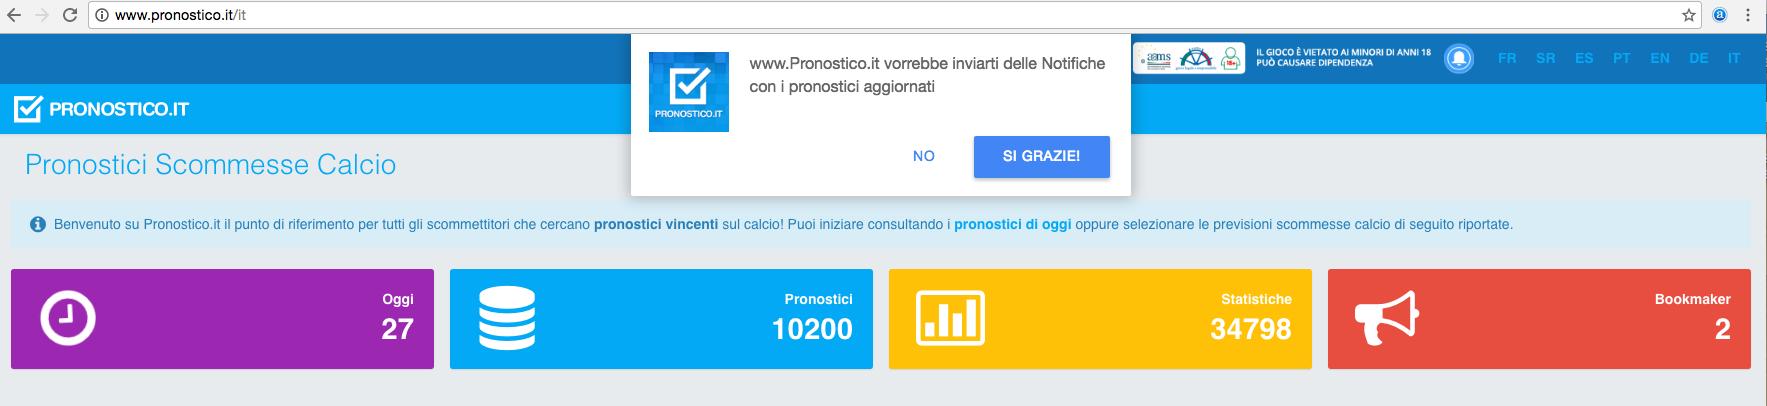 notifiche-pronostico-it